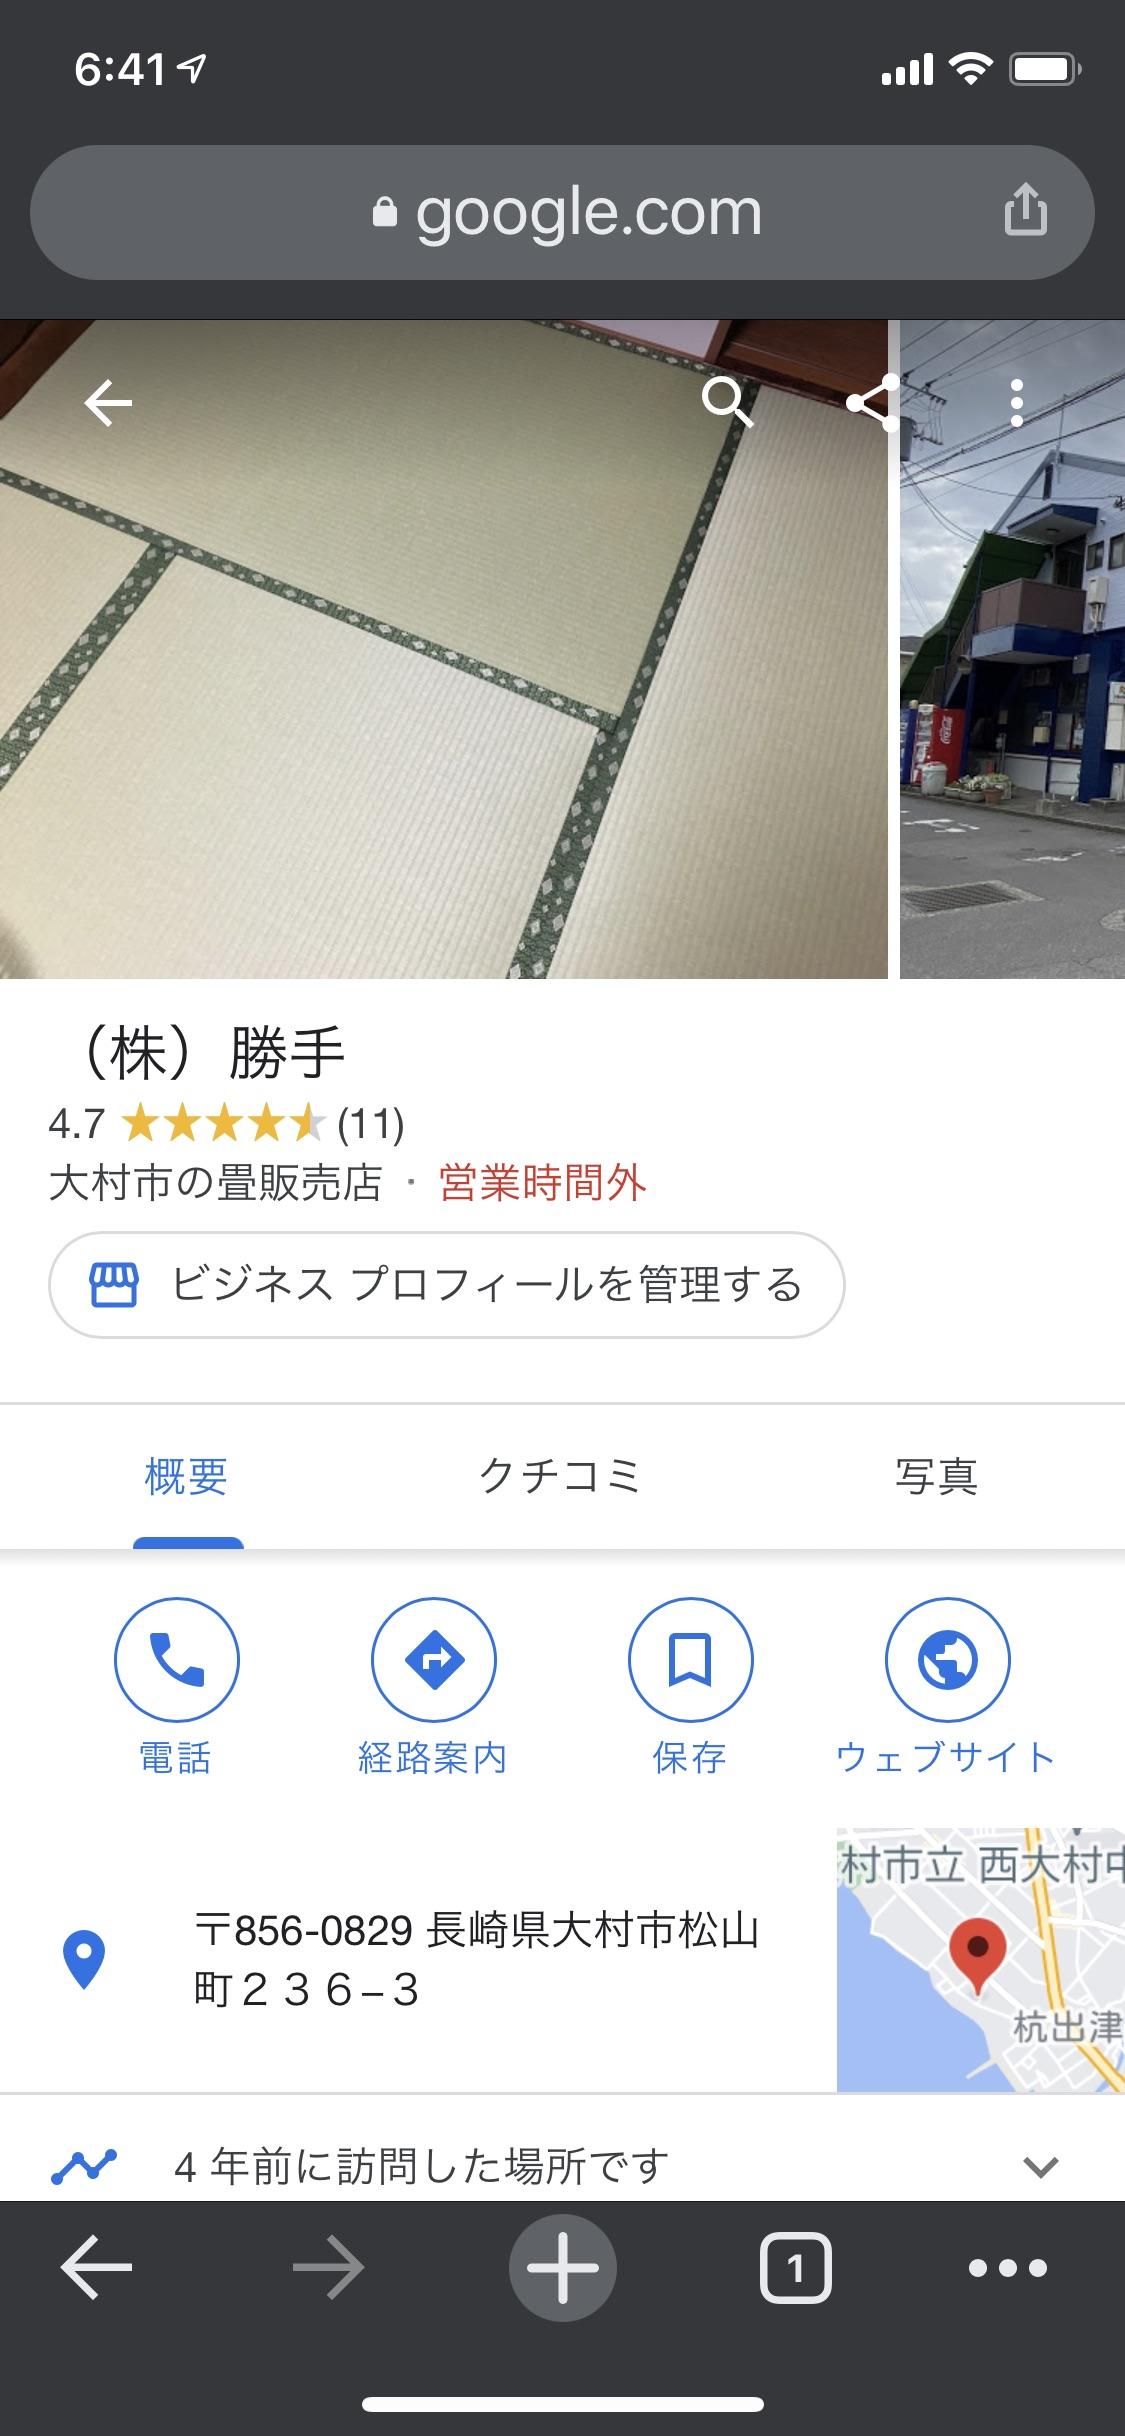 【トピックス】Googleマイビジネス